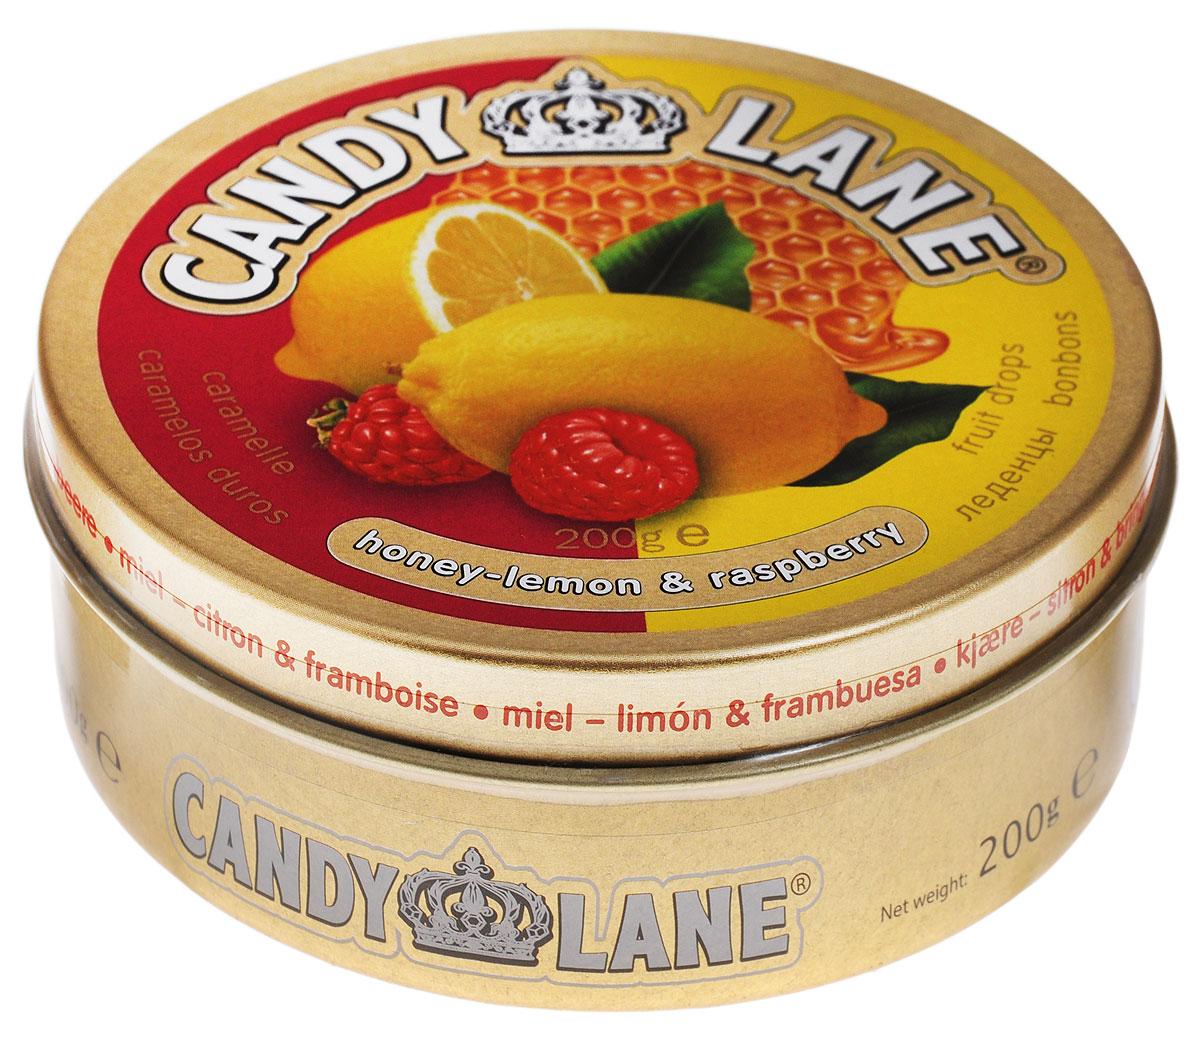 Candy Lane Мед, лимон и малина фруктовые леденцы, 200 г